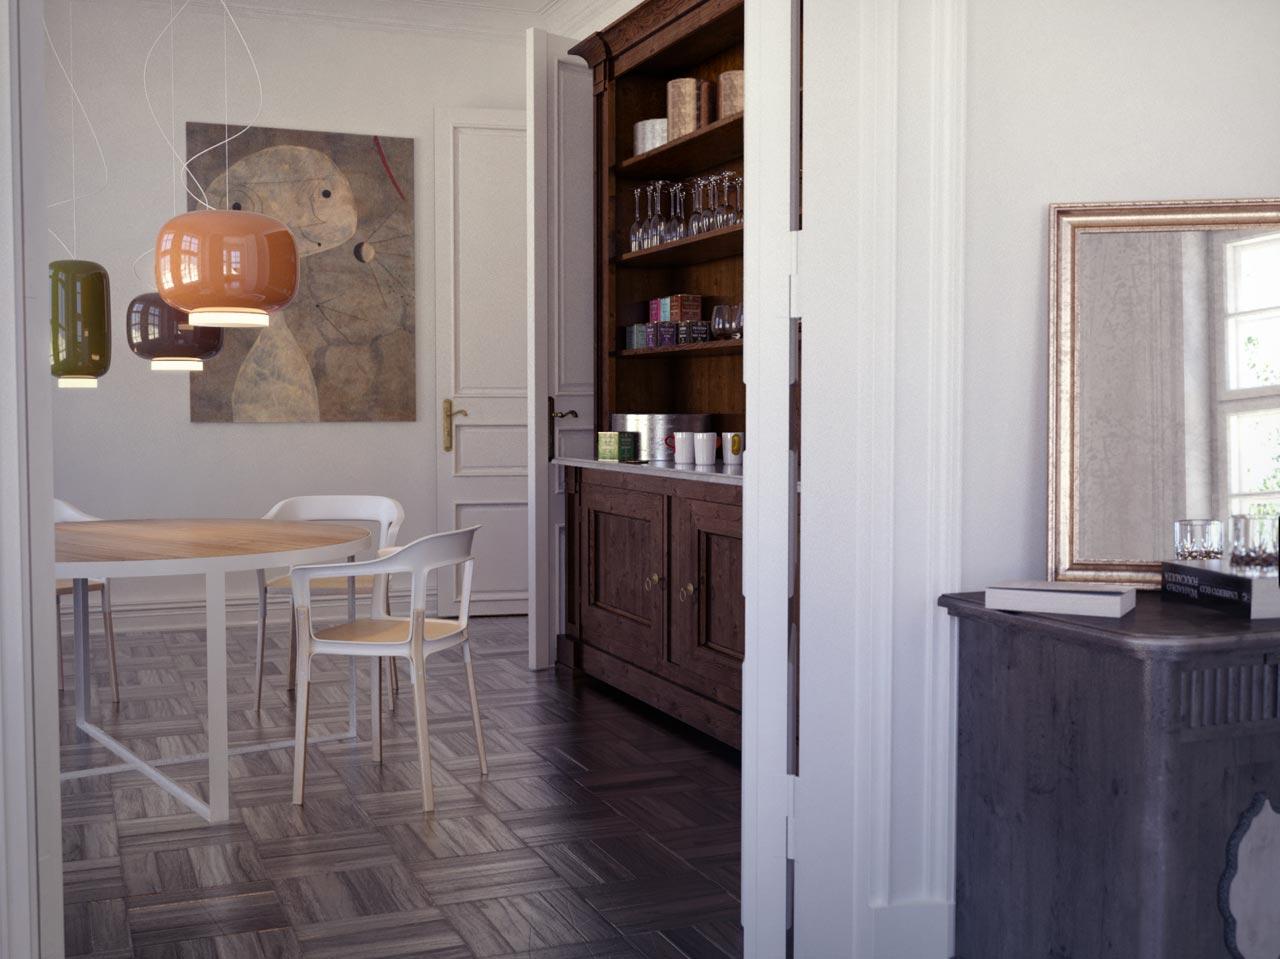 3D rendering of a vintage livingroom